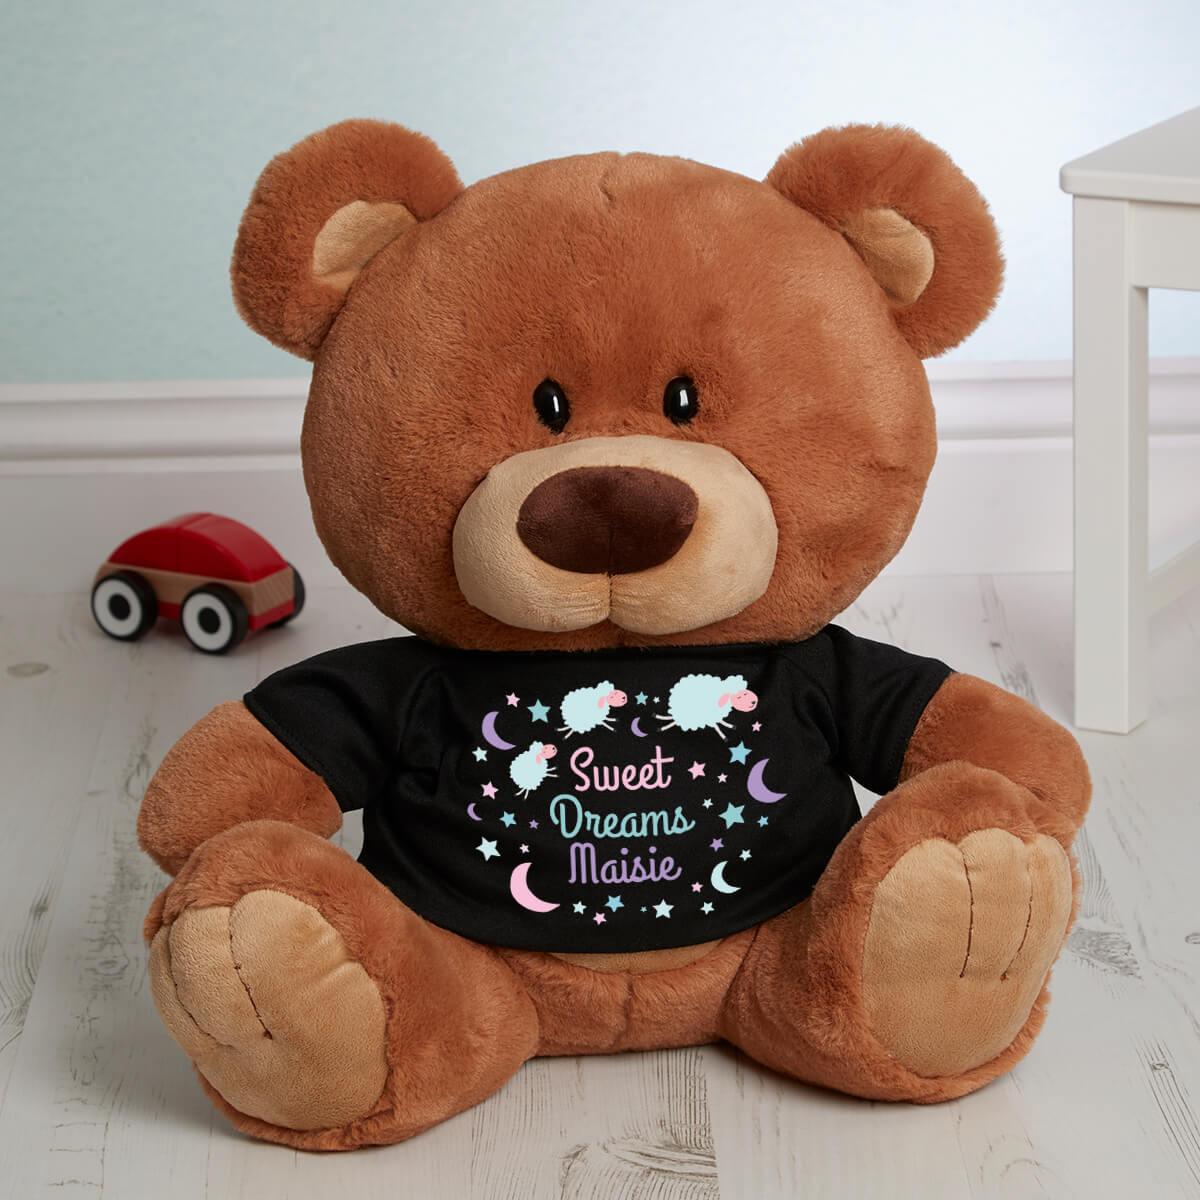 personalised 'Sweet Dreams' Caramel Charlie Teddy Bear